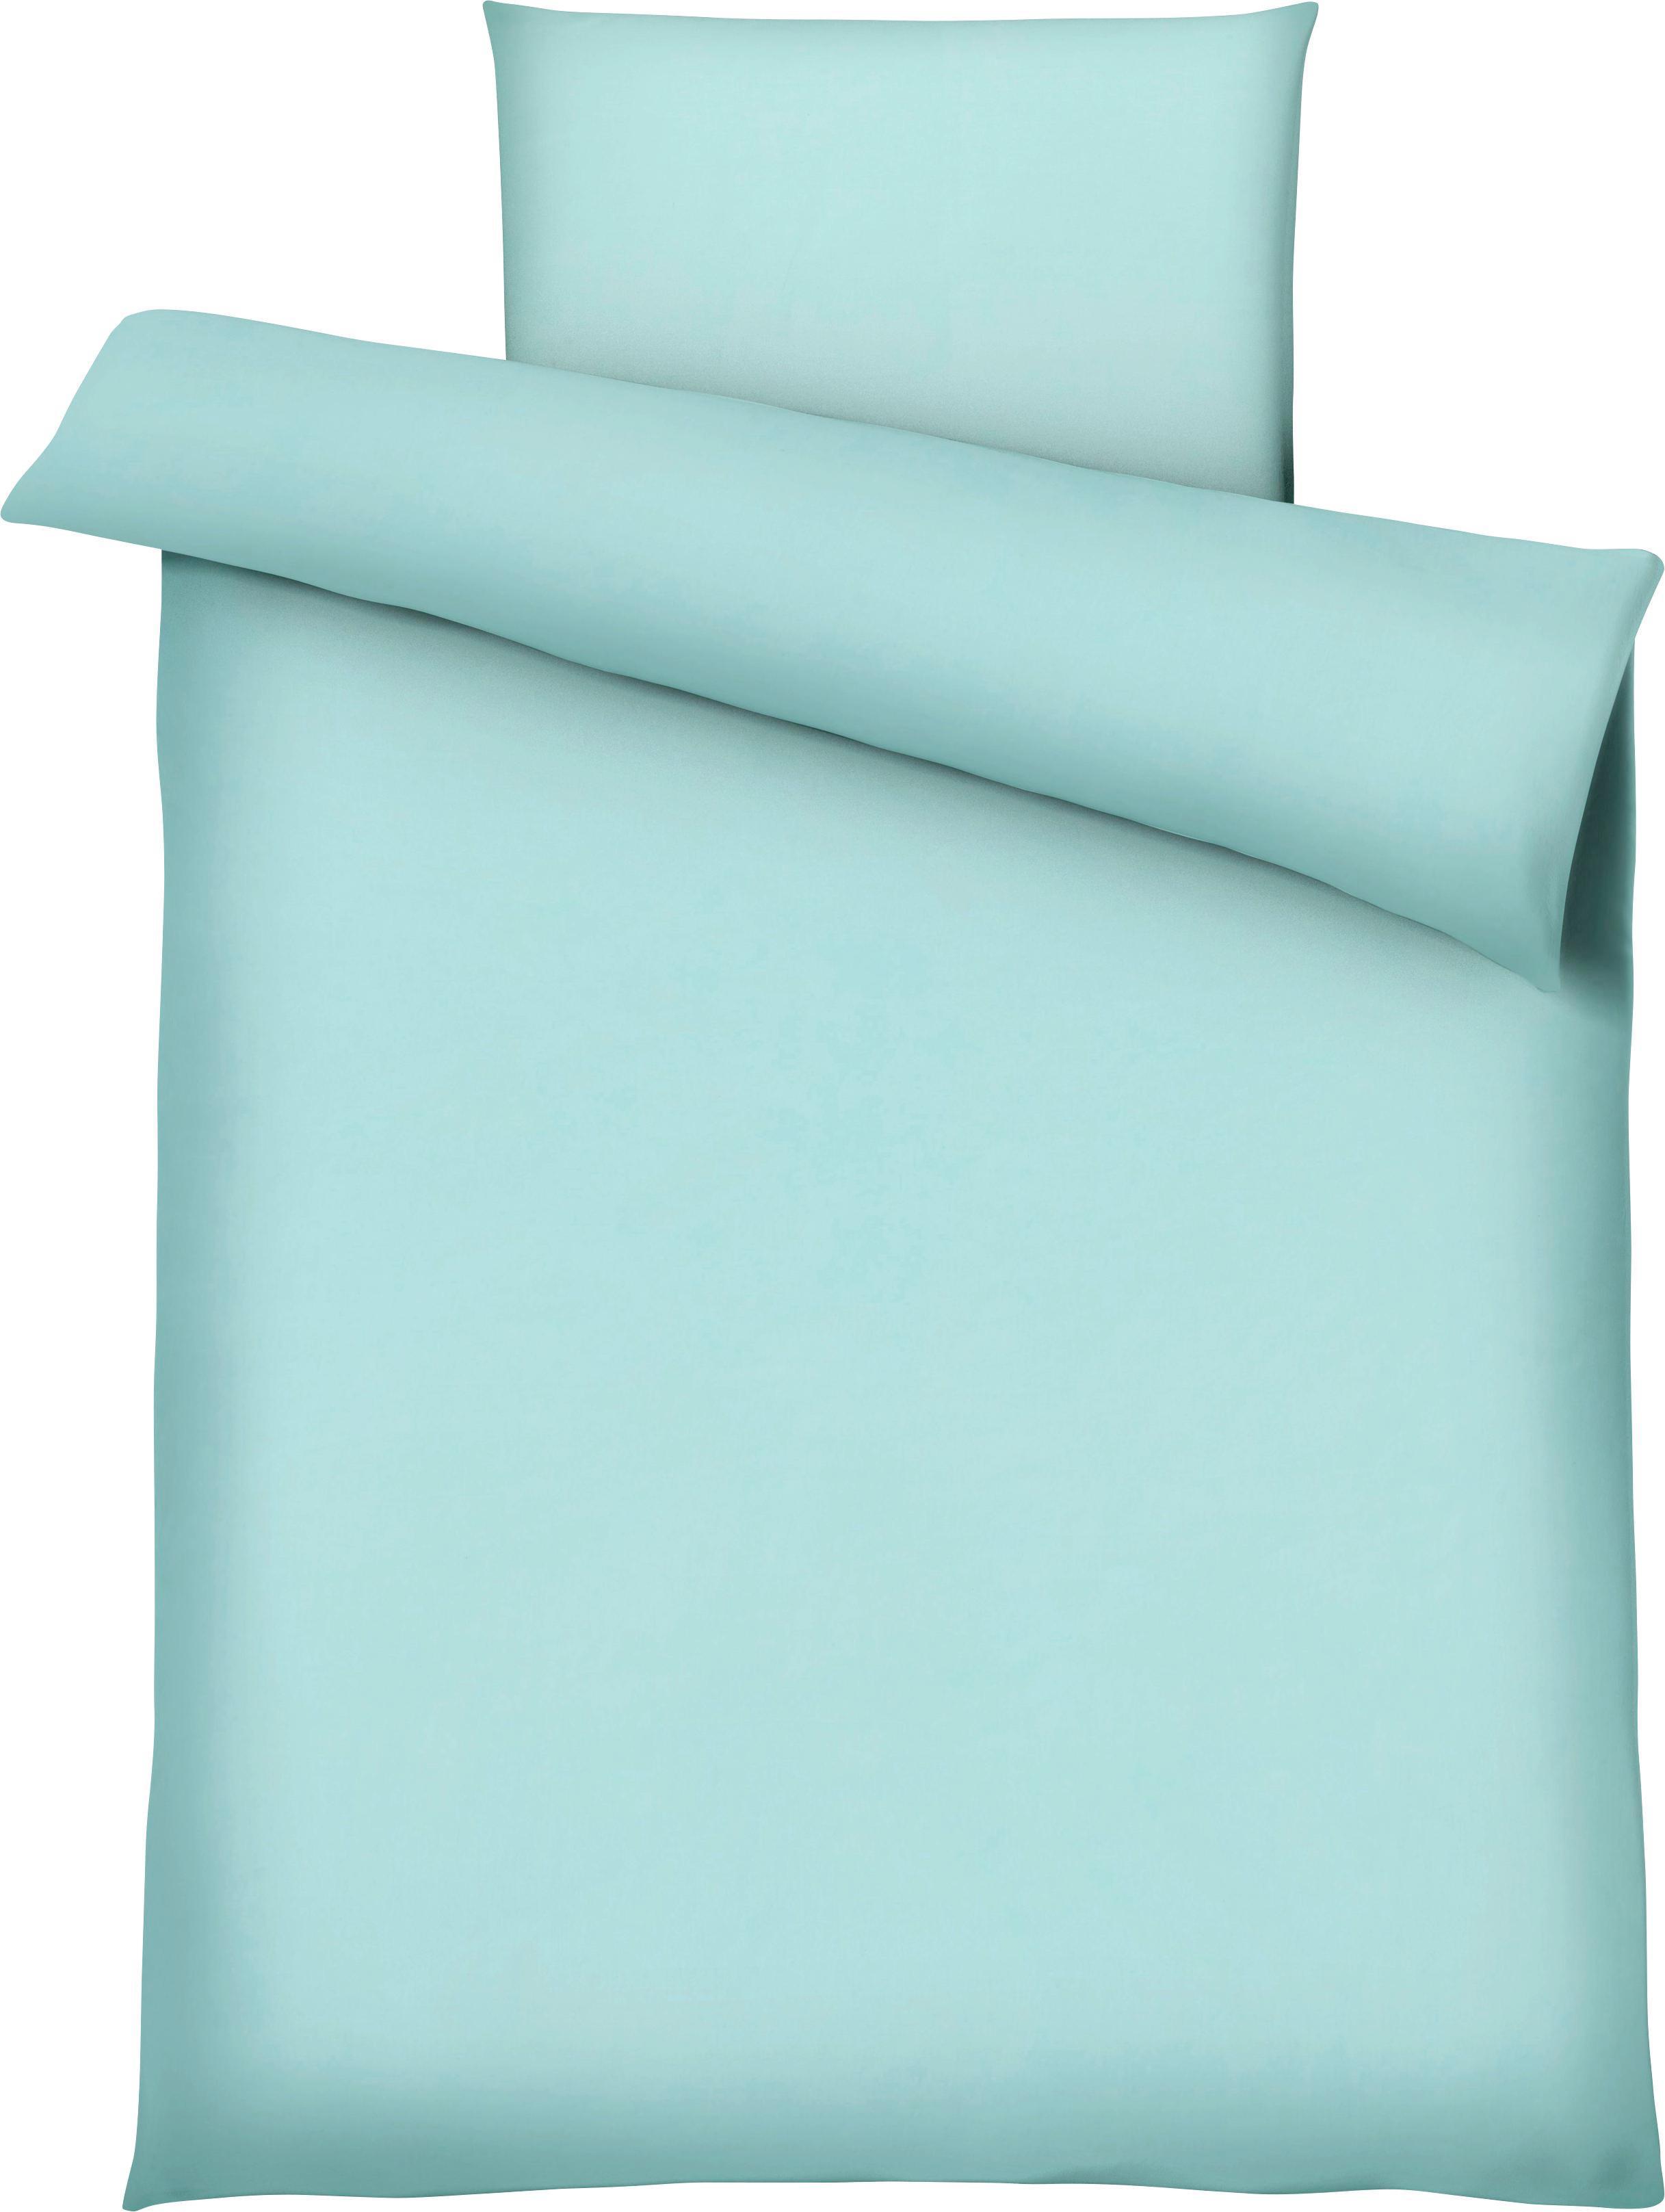 Bettwäsche Marion in Aqua - Blau, Textil (135/200cm) - PREMIUM LIVING